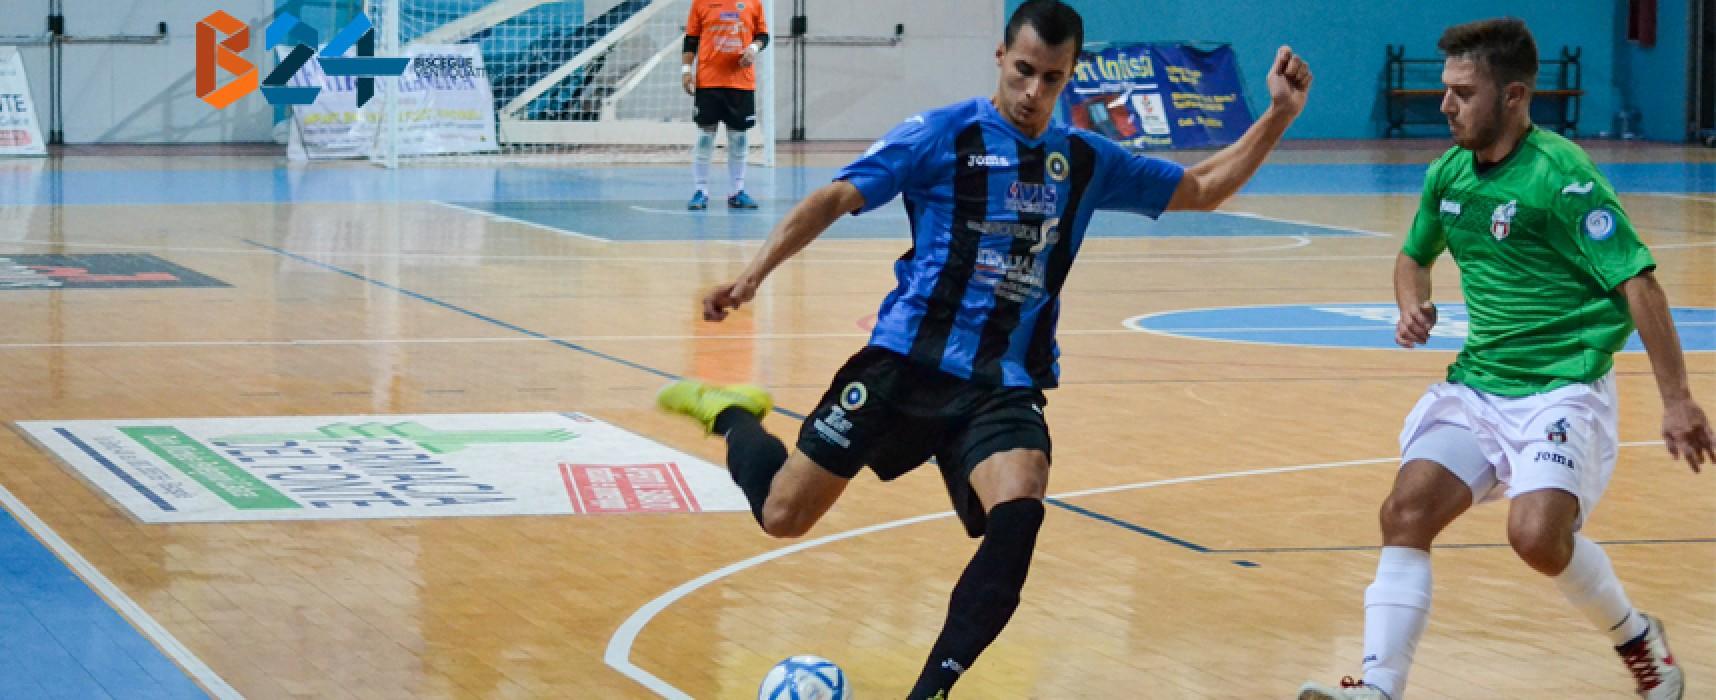 Il Futsal Bisceglie continua a volare, sofferta vittoria a Modugno per 5-3